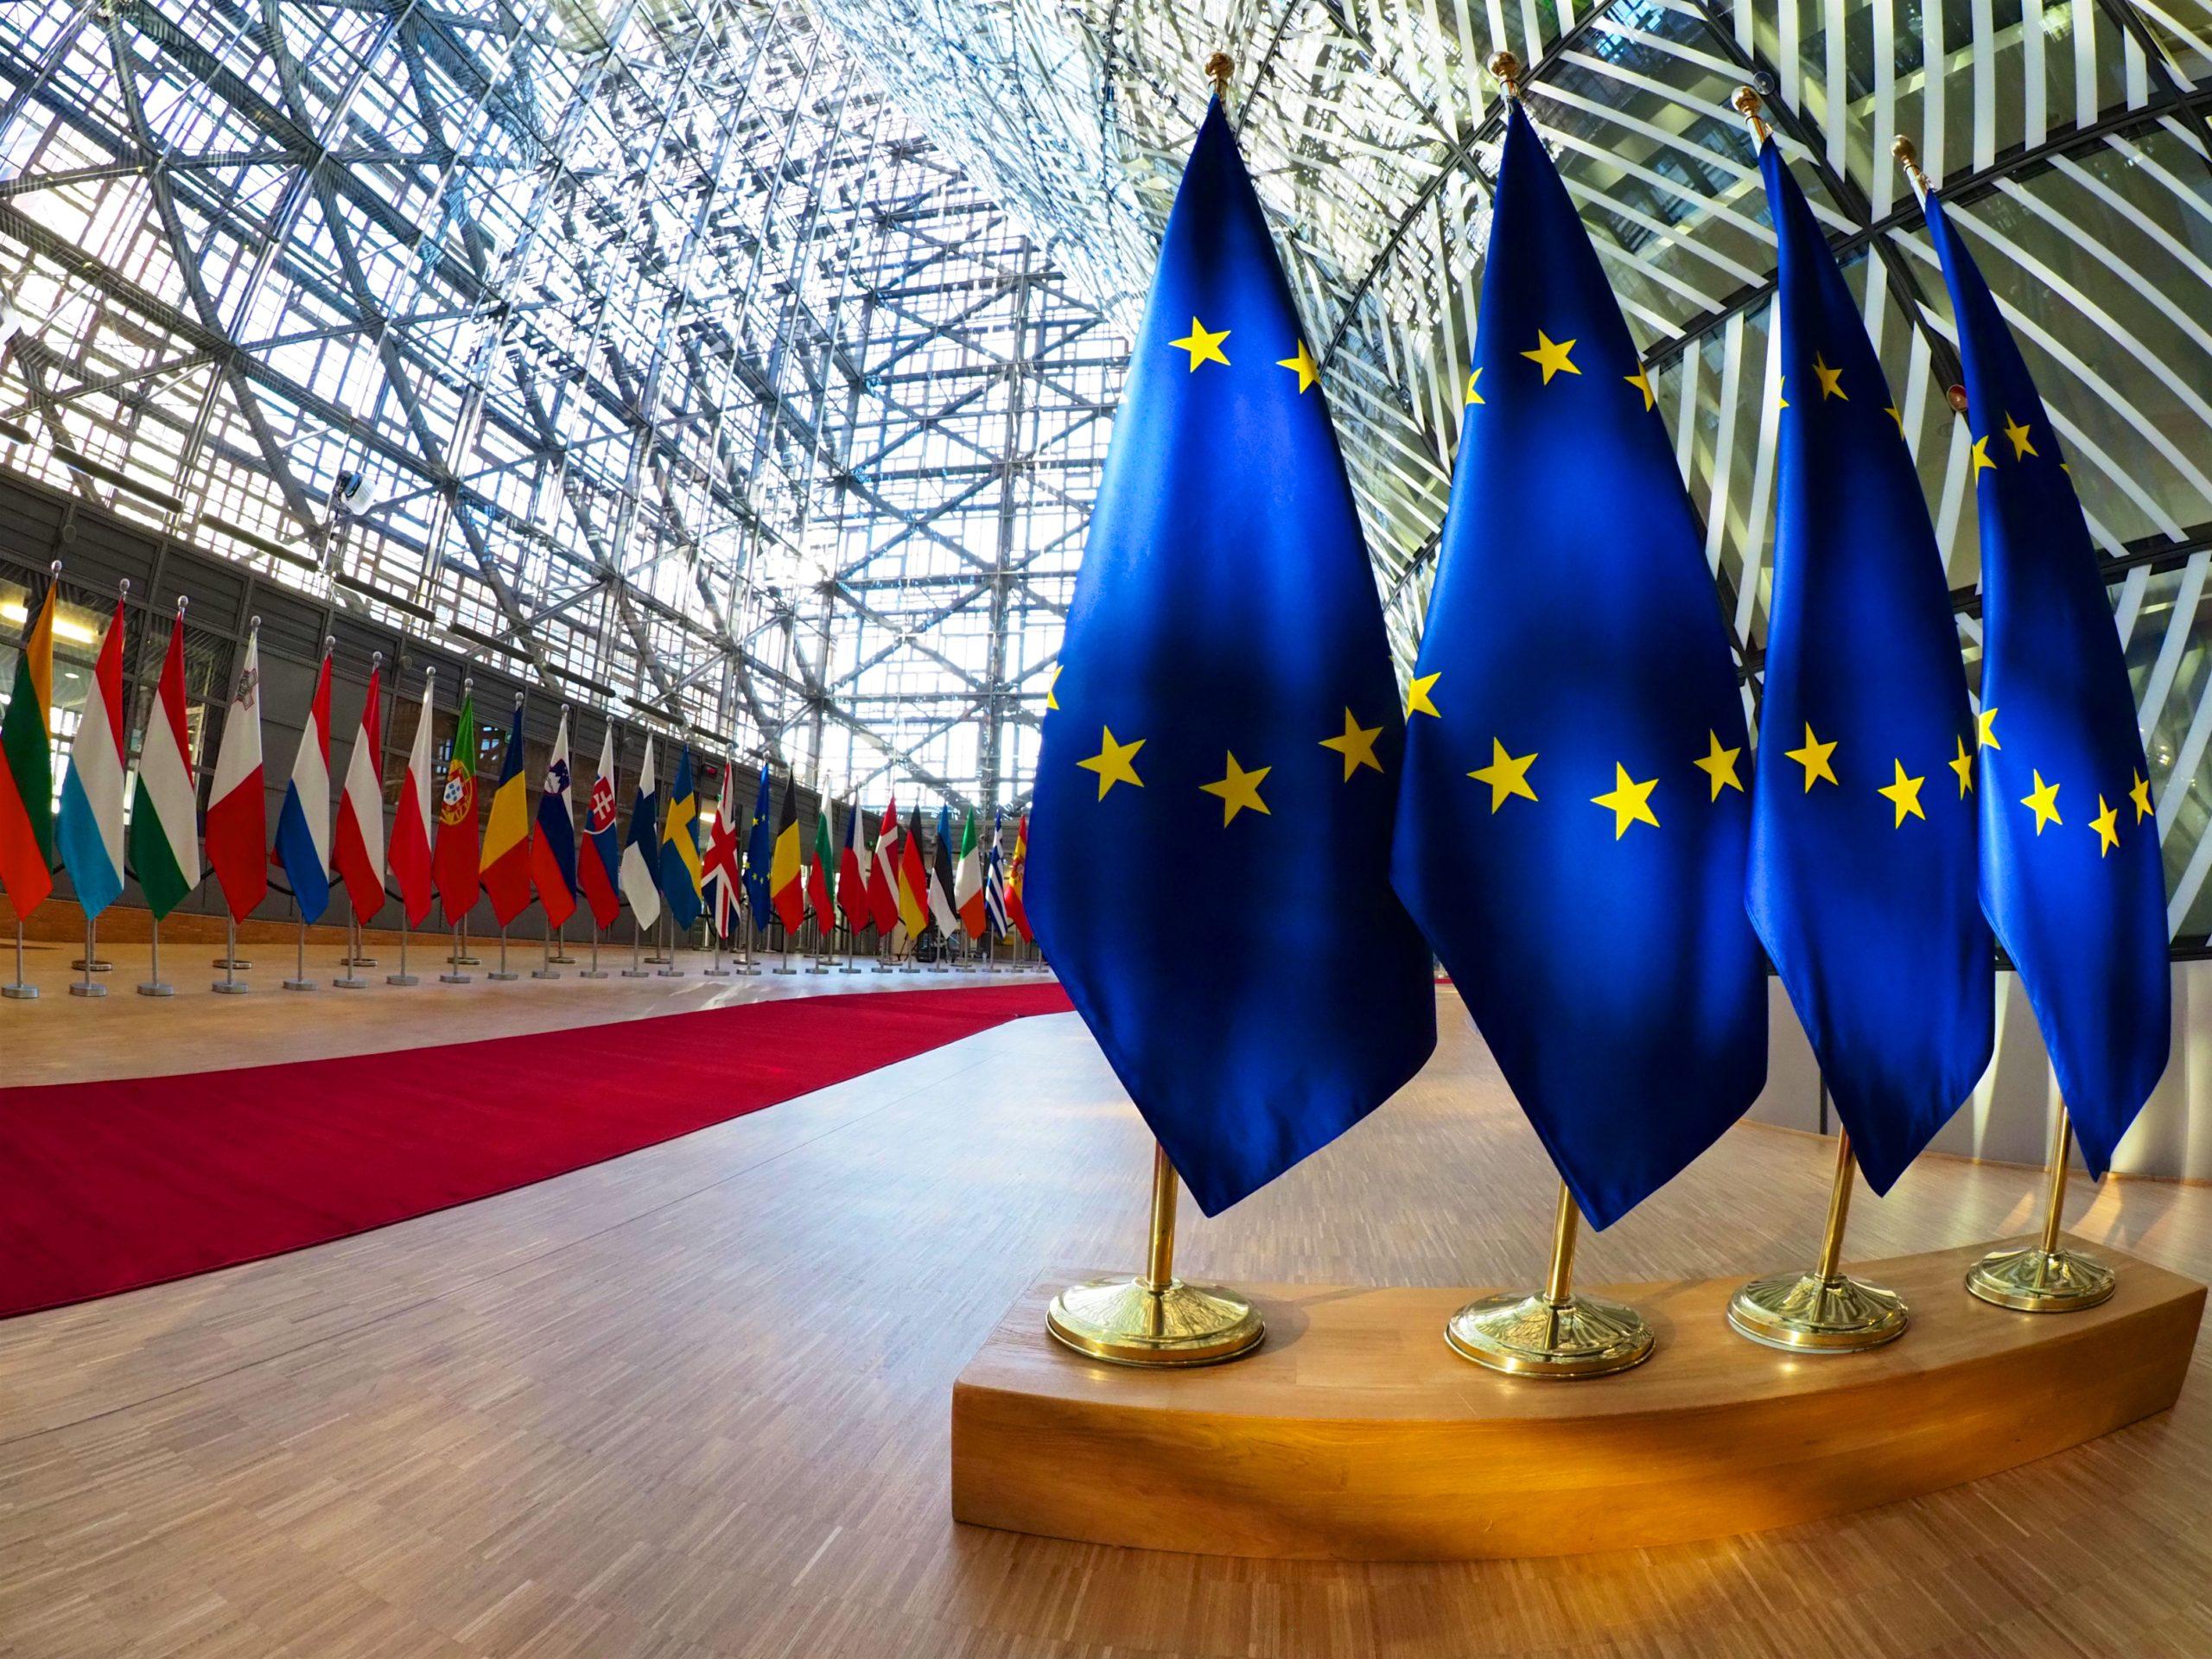 Τουρκία: Πώς απαντά η Αθήνα στις προκλήσεις και ποια η στάση της ΕΕ